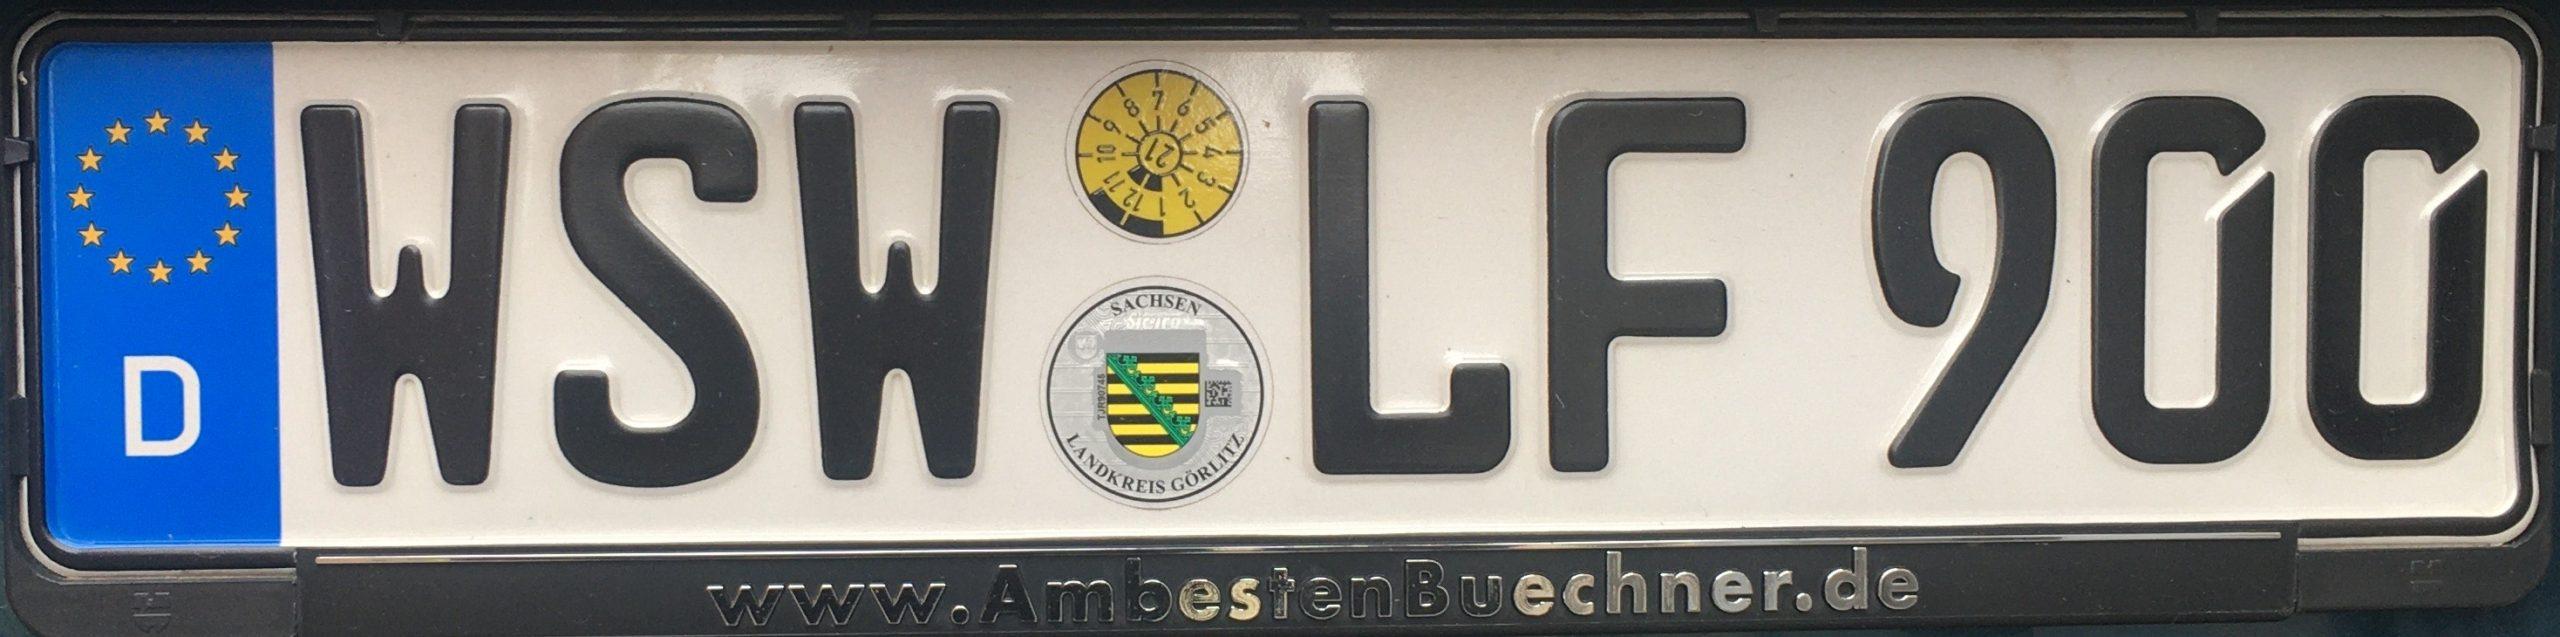 Registrační značky Německo – WSW - Weisswasser, foto: www.podalnici.cz